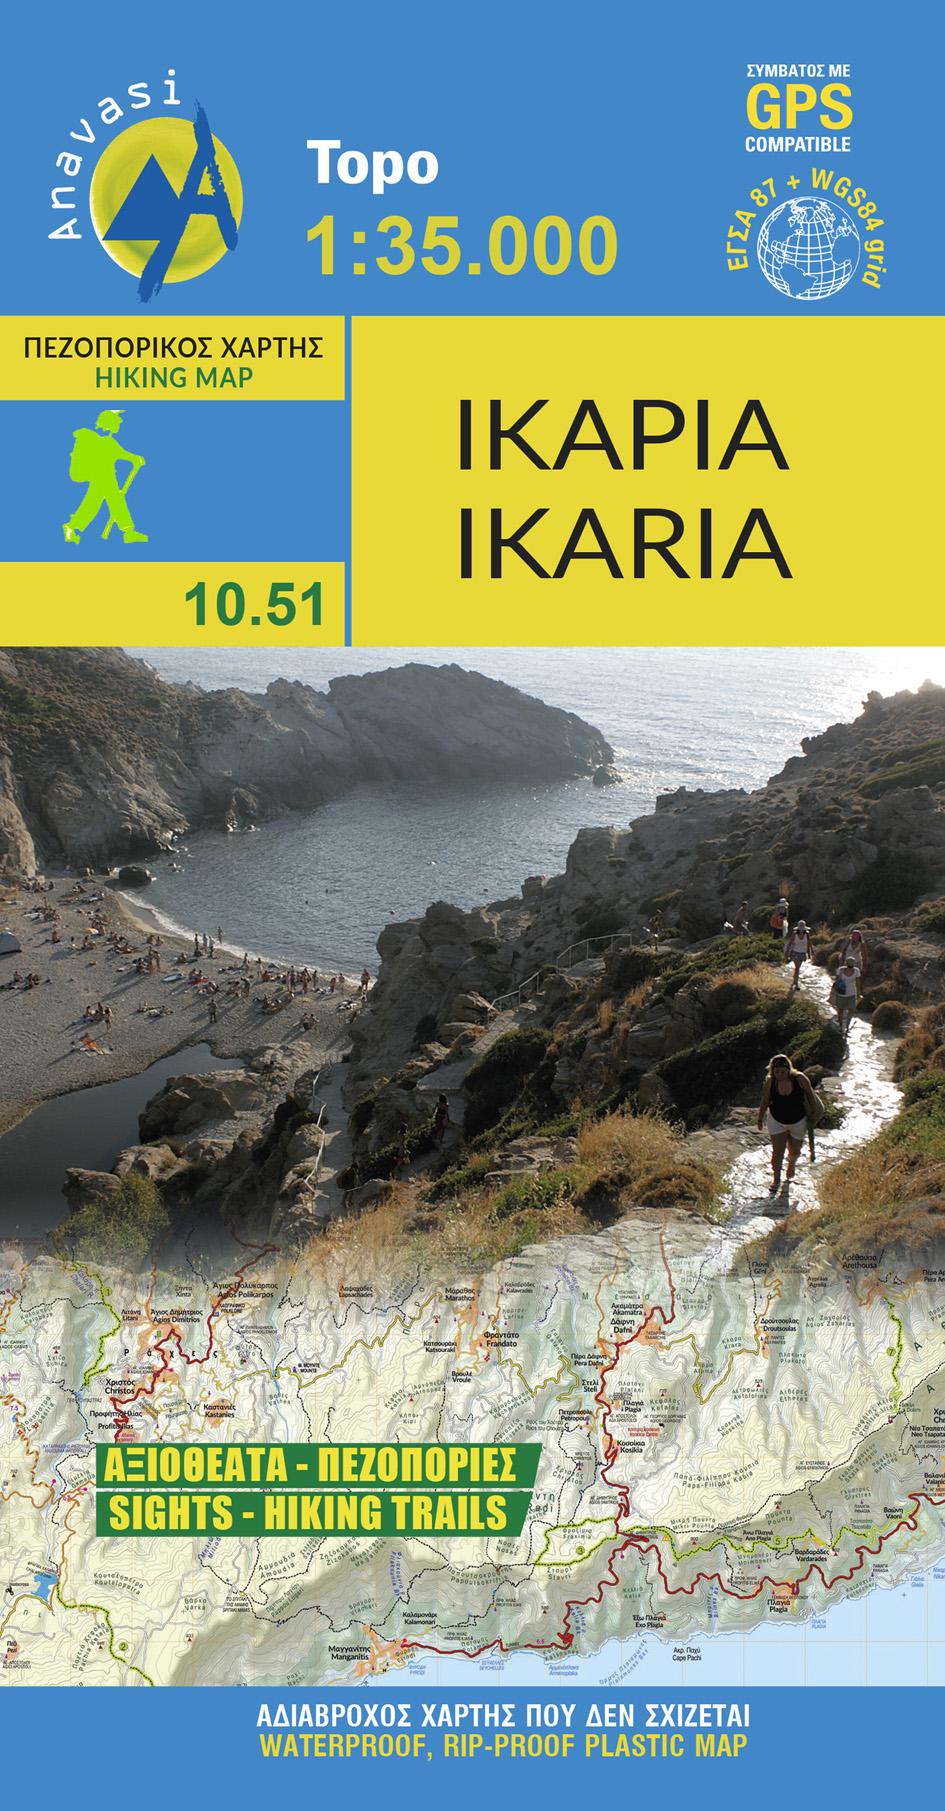 Ikaria • Hiking map 1:35.000